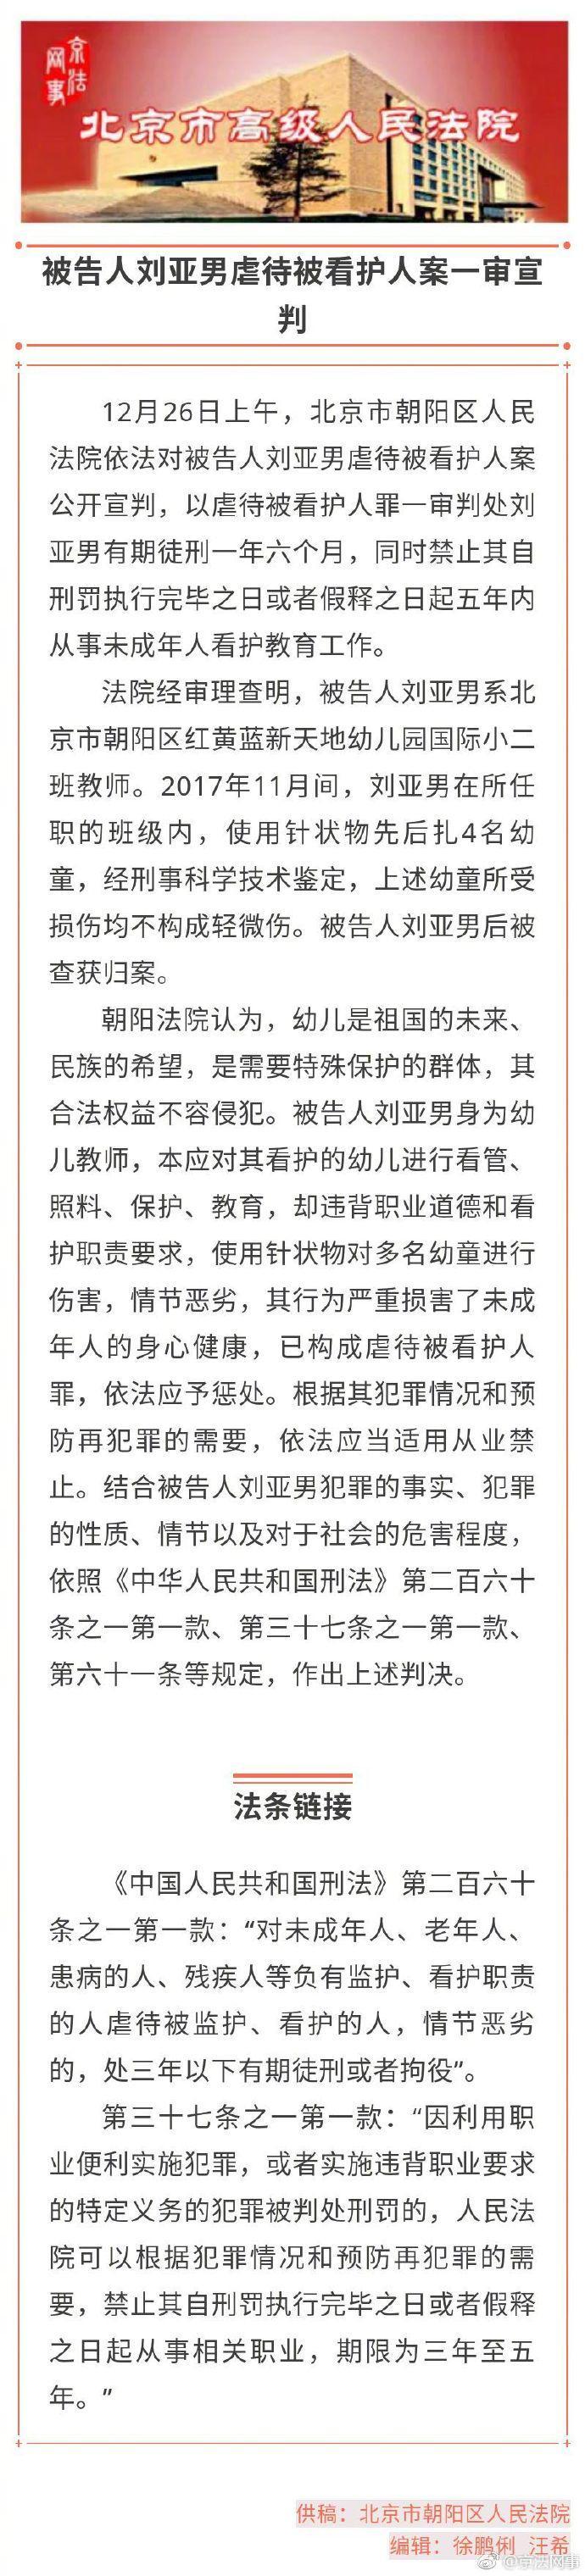 北京红黄蓝幼儿园虐童案一审宣判:被告人获刑18月